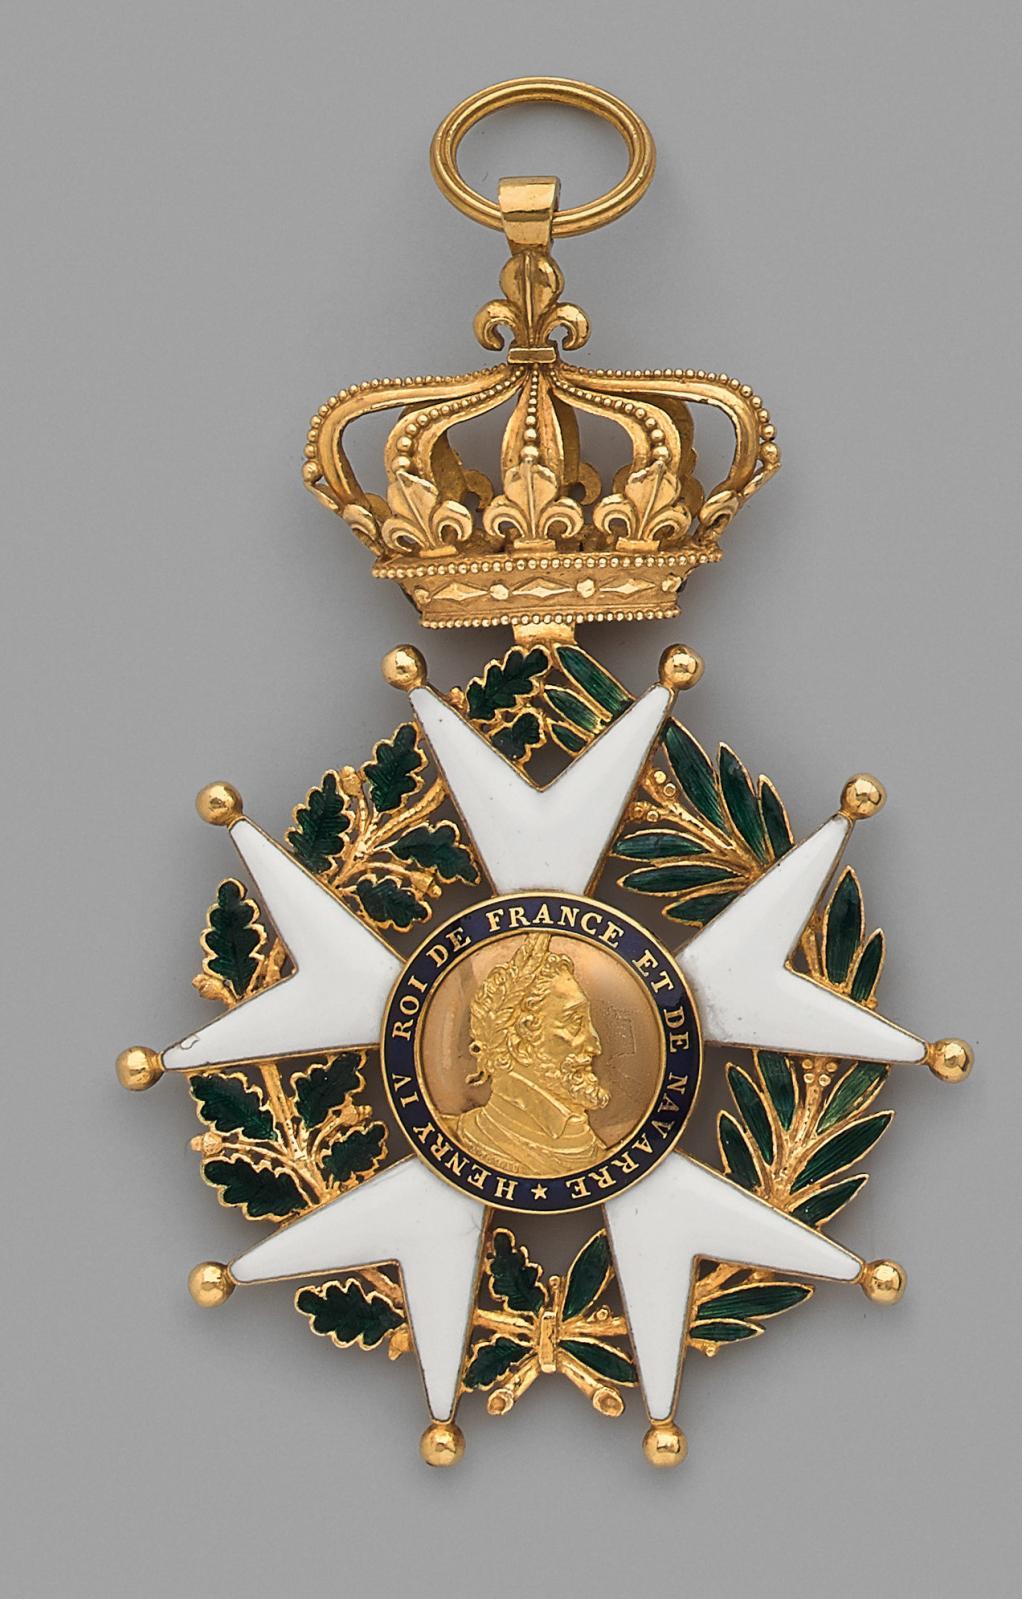 Deux préemptions du musée de la Légion d'honneur ont distingué cet ensemble. L'institution a acquis deux souvenirs du duc de Berry, fils du futur Char